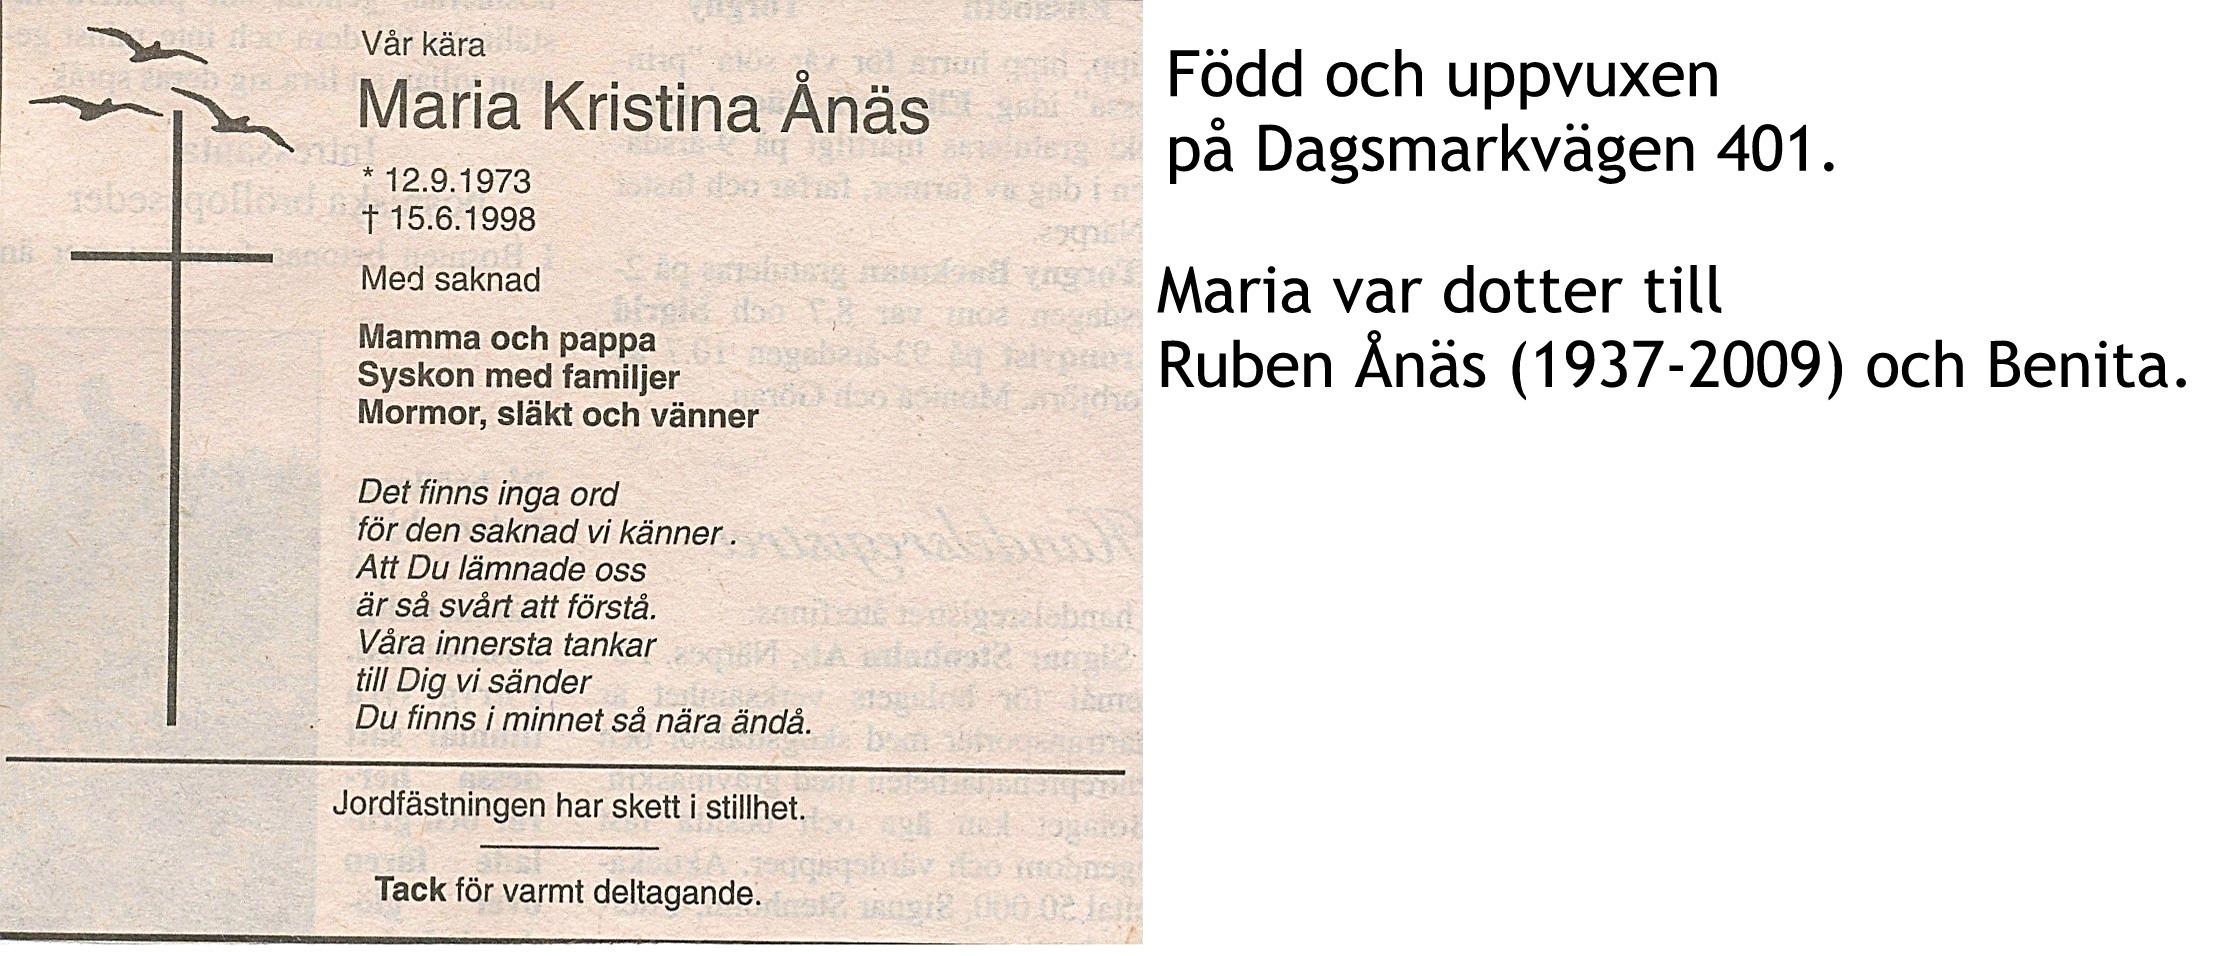 Ånäs Maria Kristina